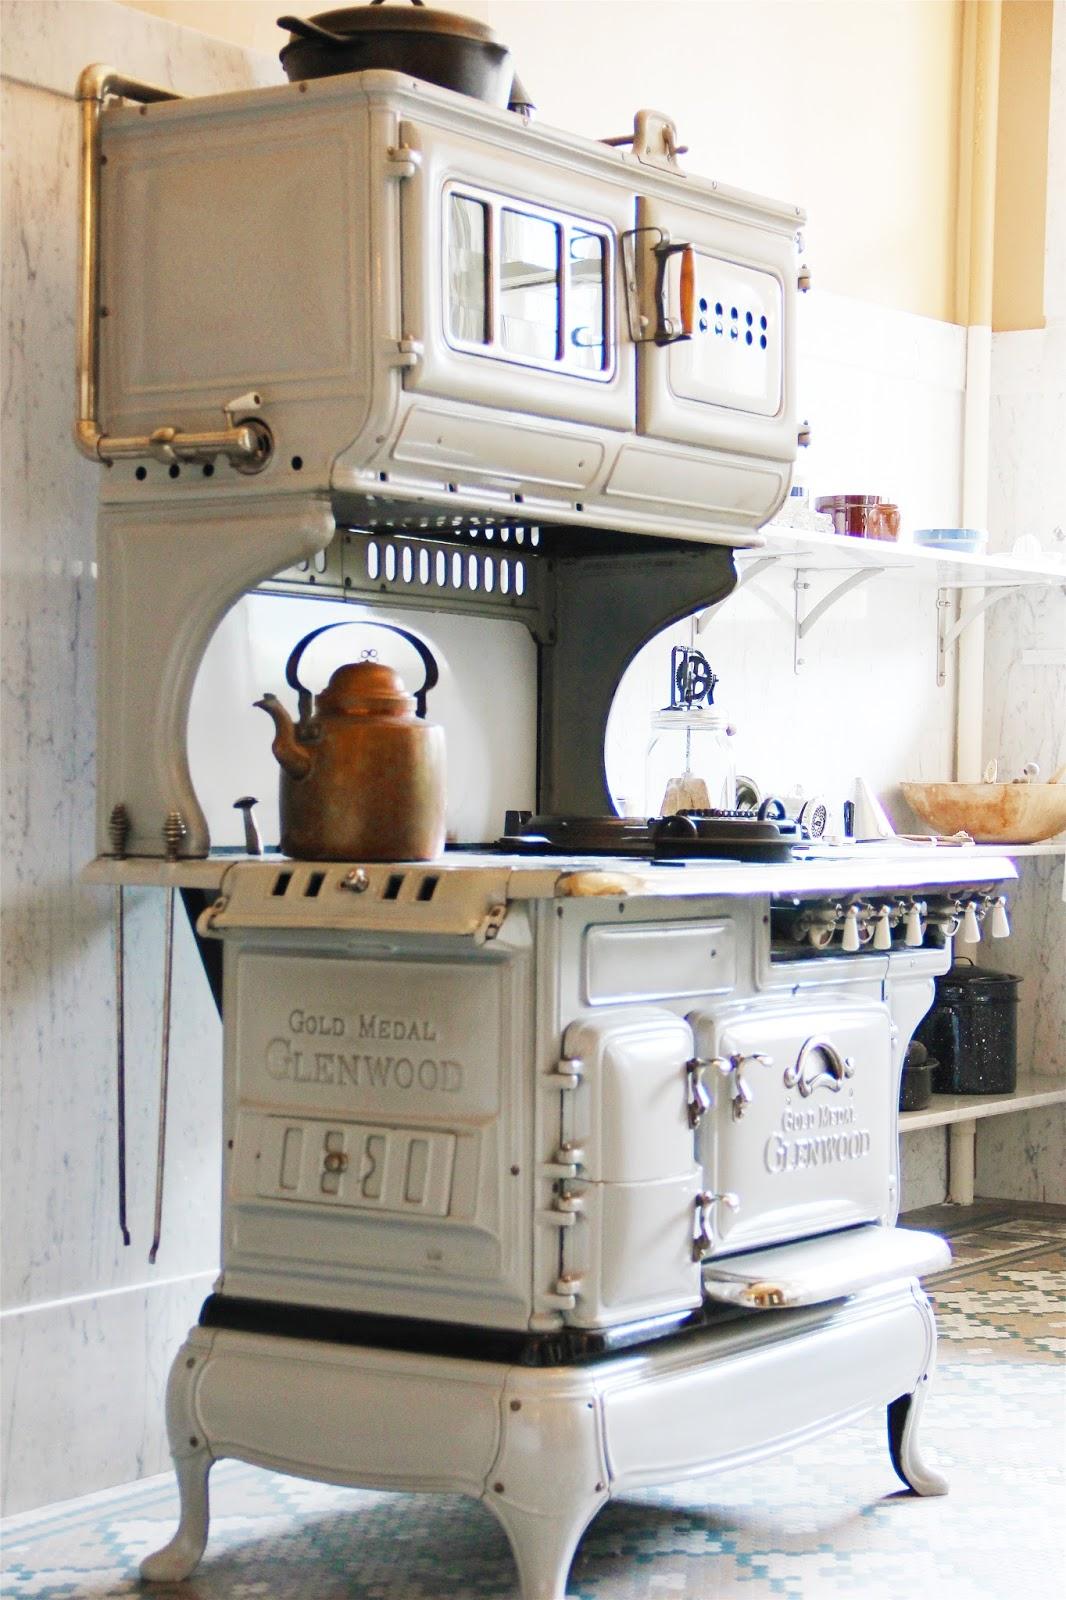 Patrzeć na życie w zachwycie Urocze kuchnie w stylu retro